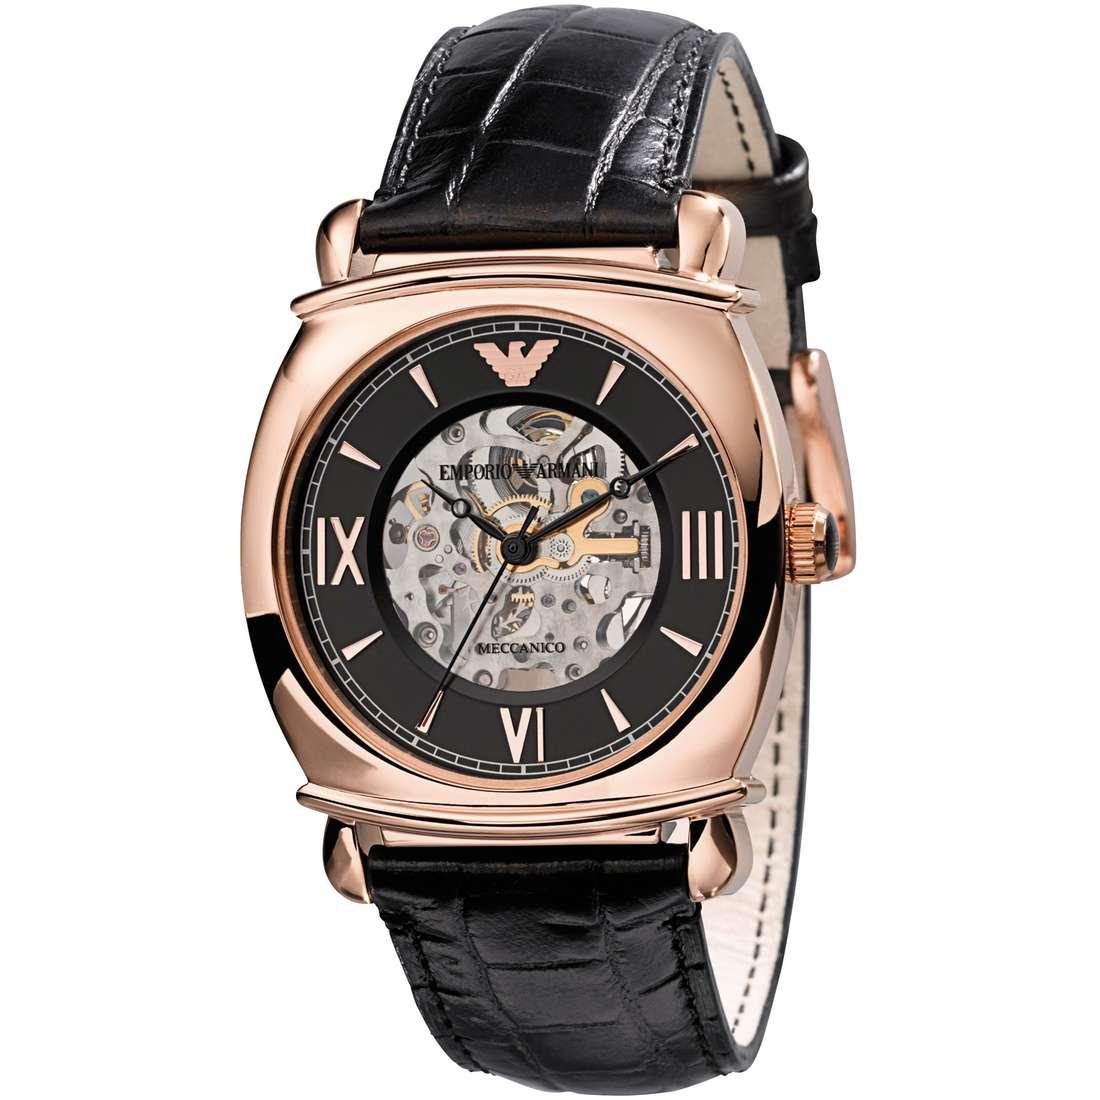 watch mechanical man Emporio Armani AR4649